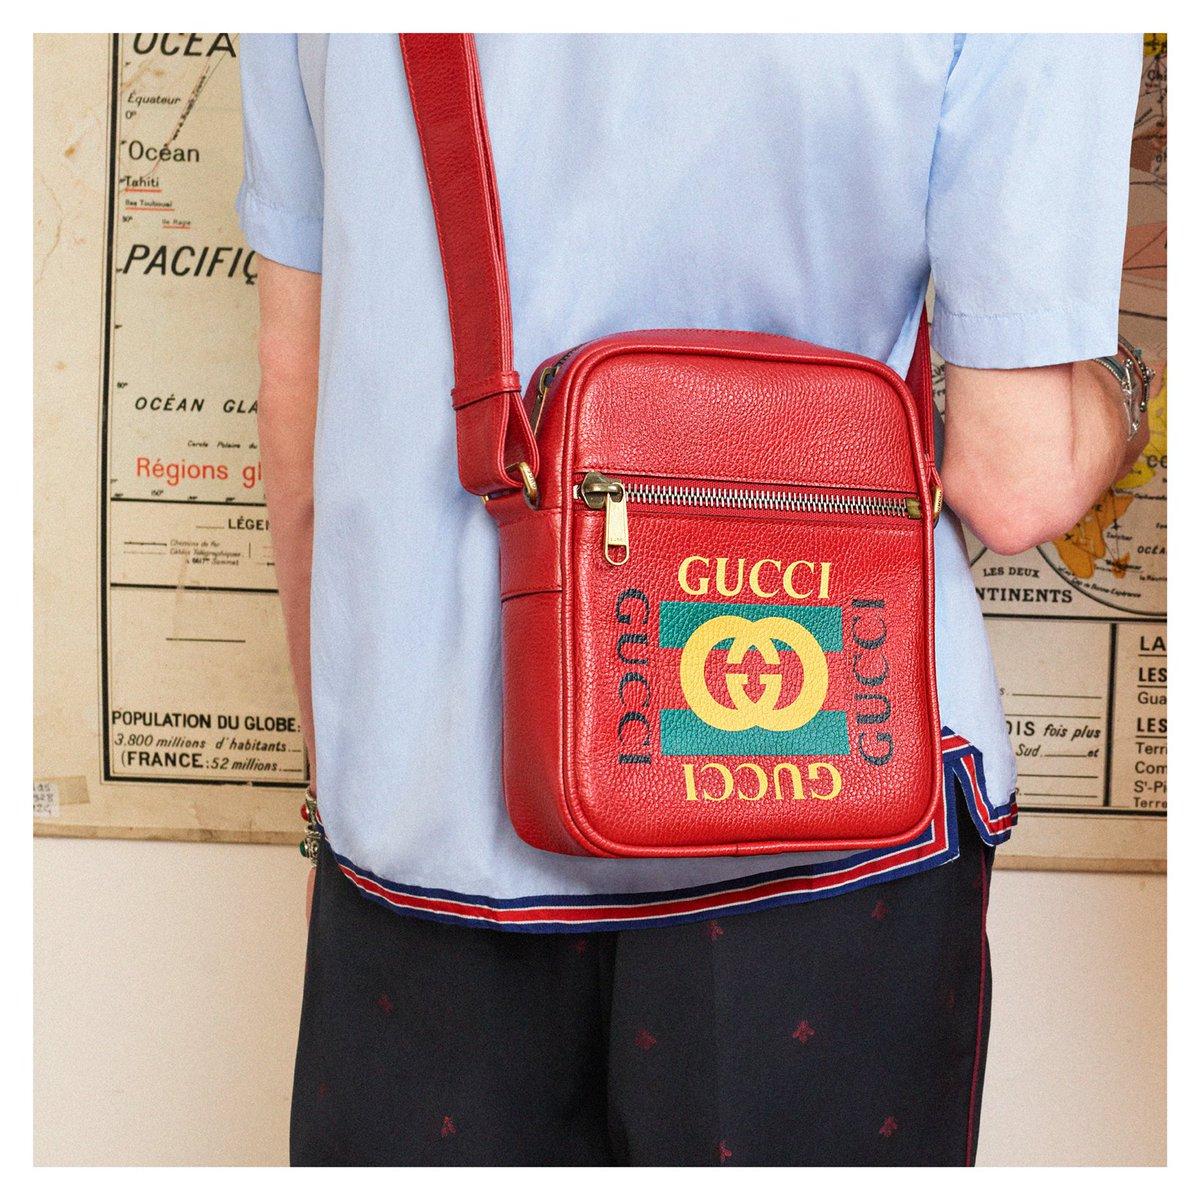 1e5fceae048 ... features the Gucci vintage logo